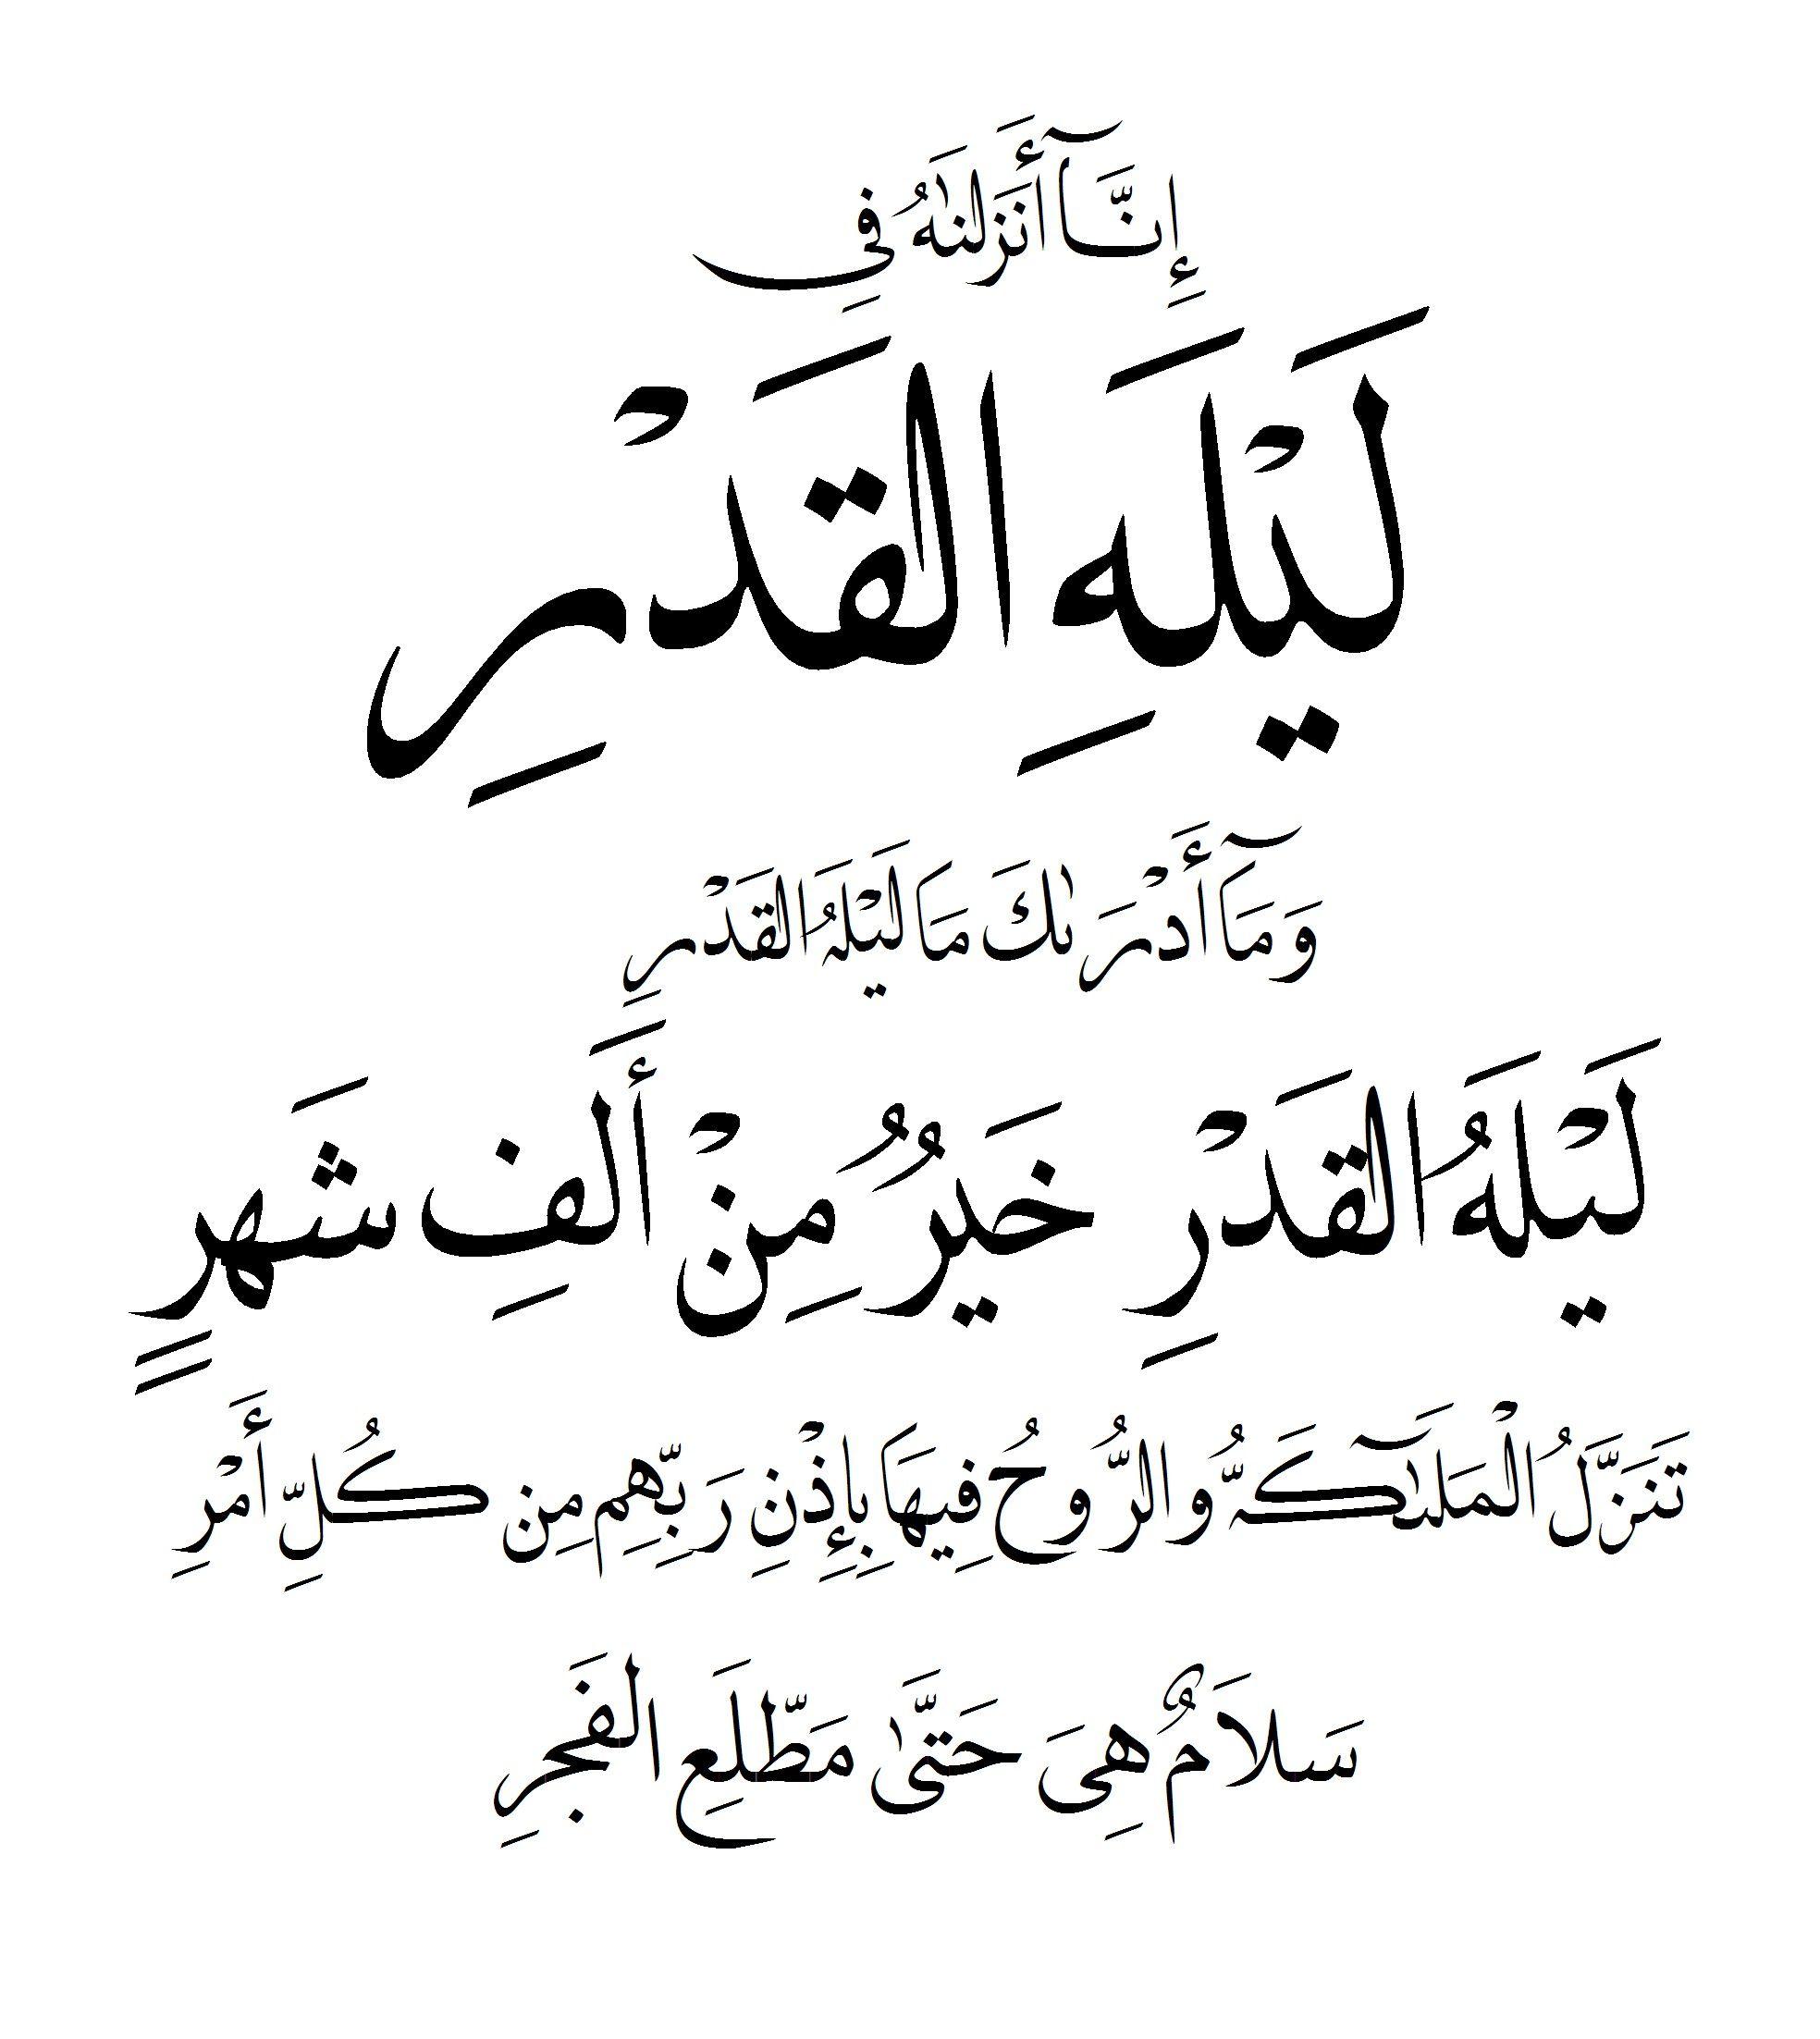 انا انزلنا فى ليلة القدر Quran Verses Islamic Quotes Cute Quotes For Instagram